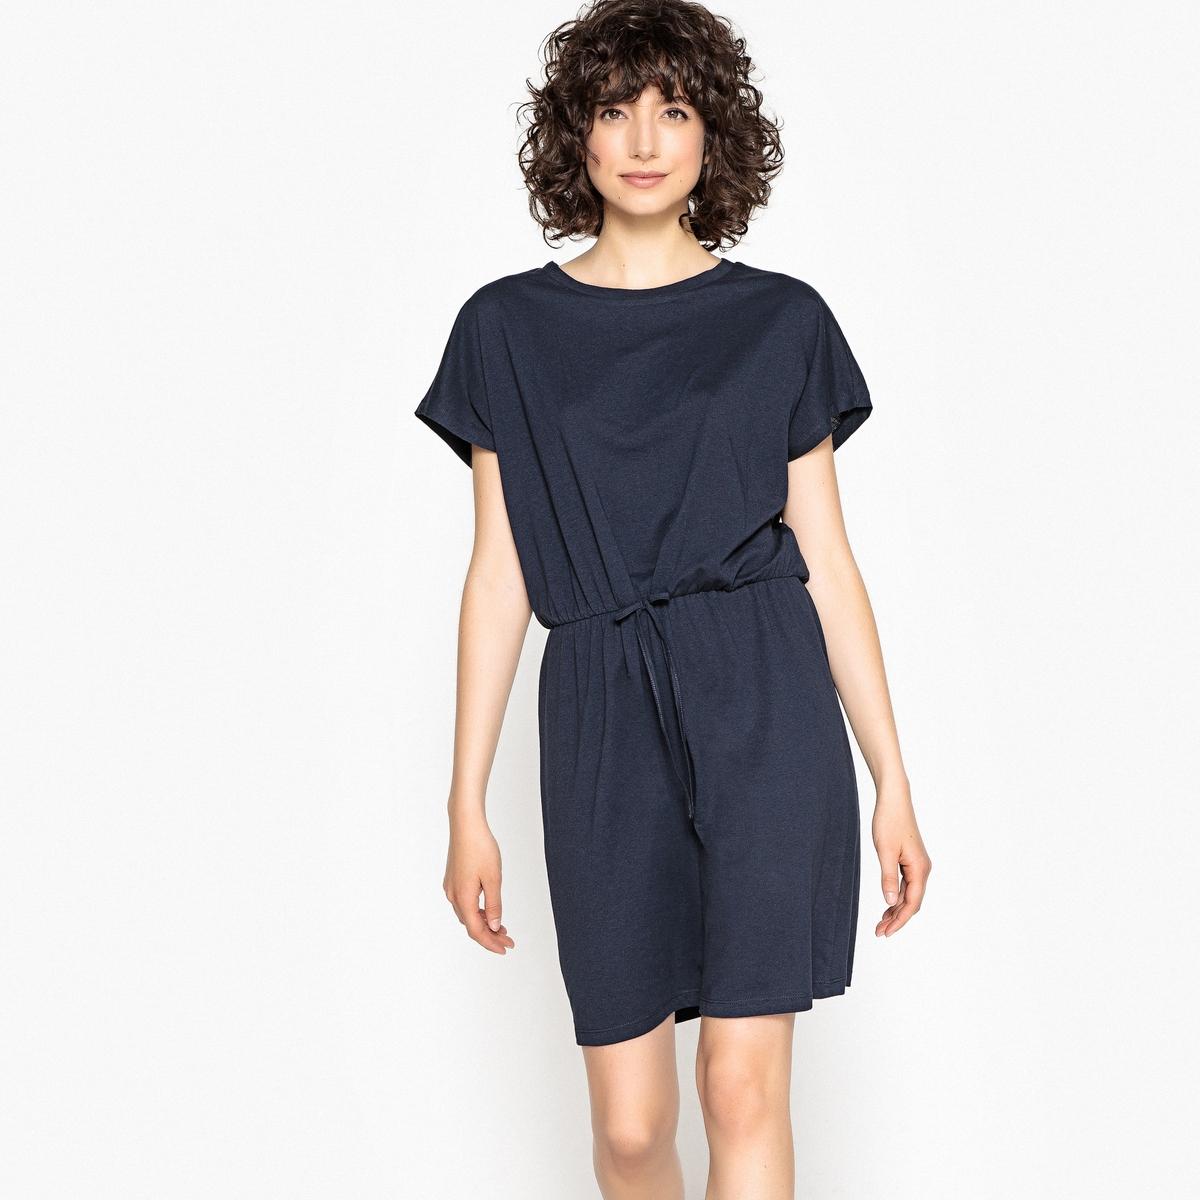 Платье с круглым вырезом, короткими рукавами и завязками на поясе